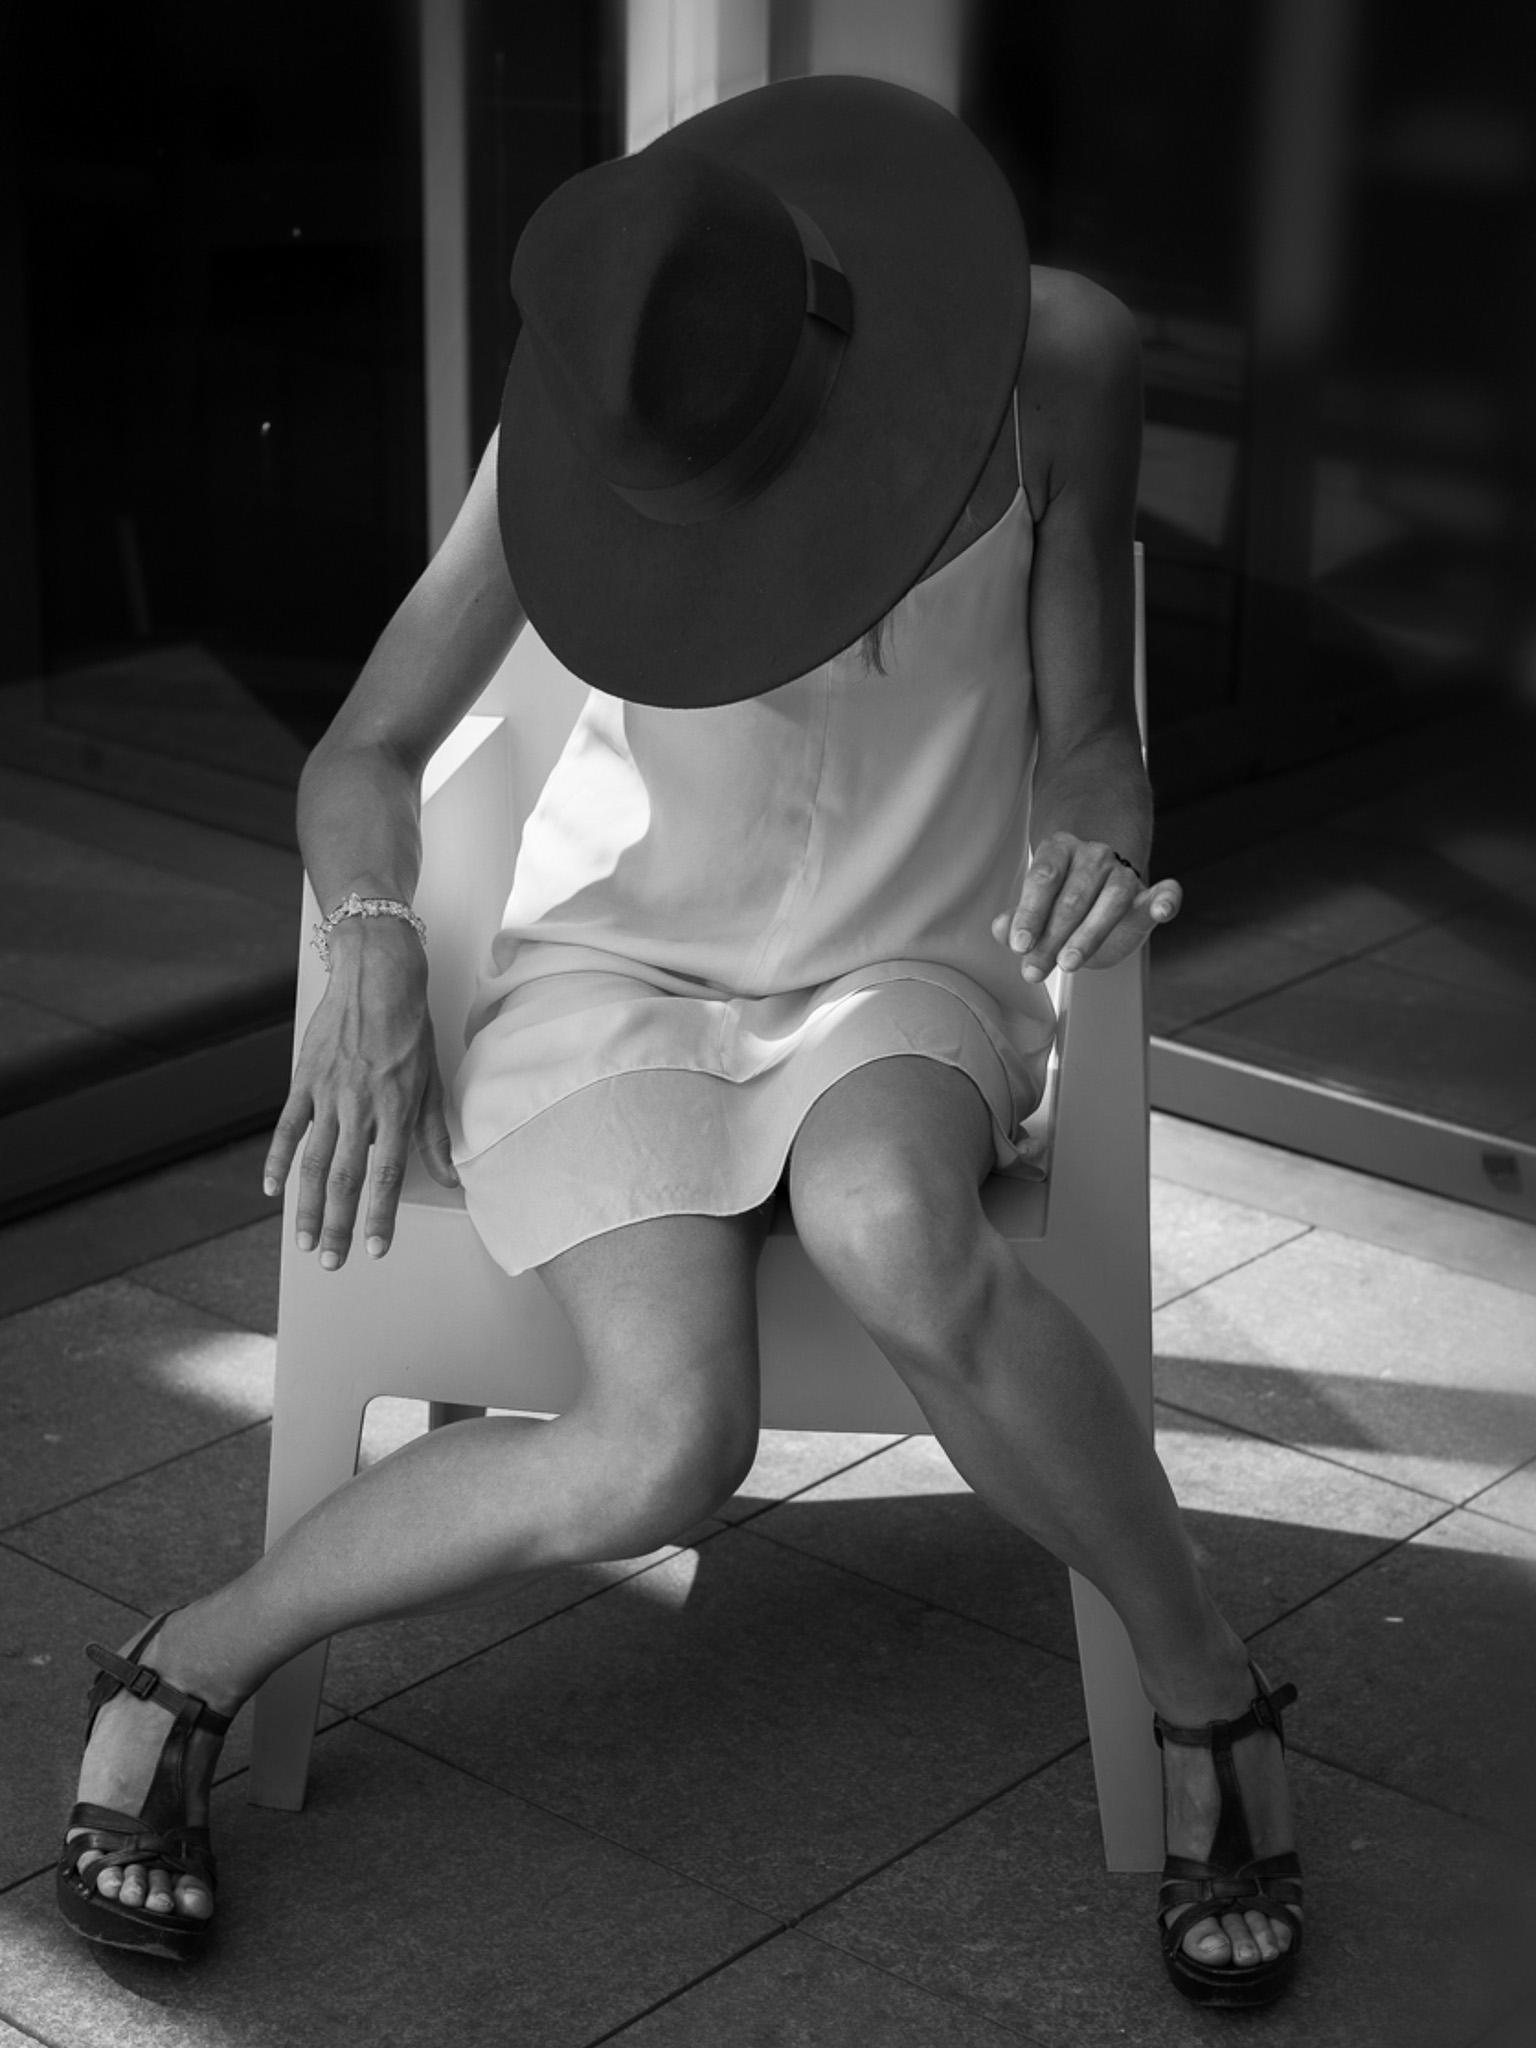 Portrait sans visage par Marc feron